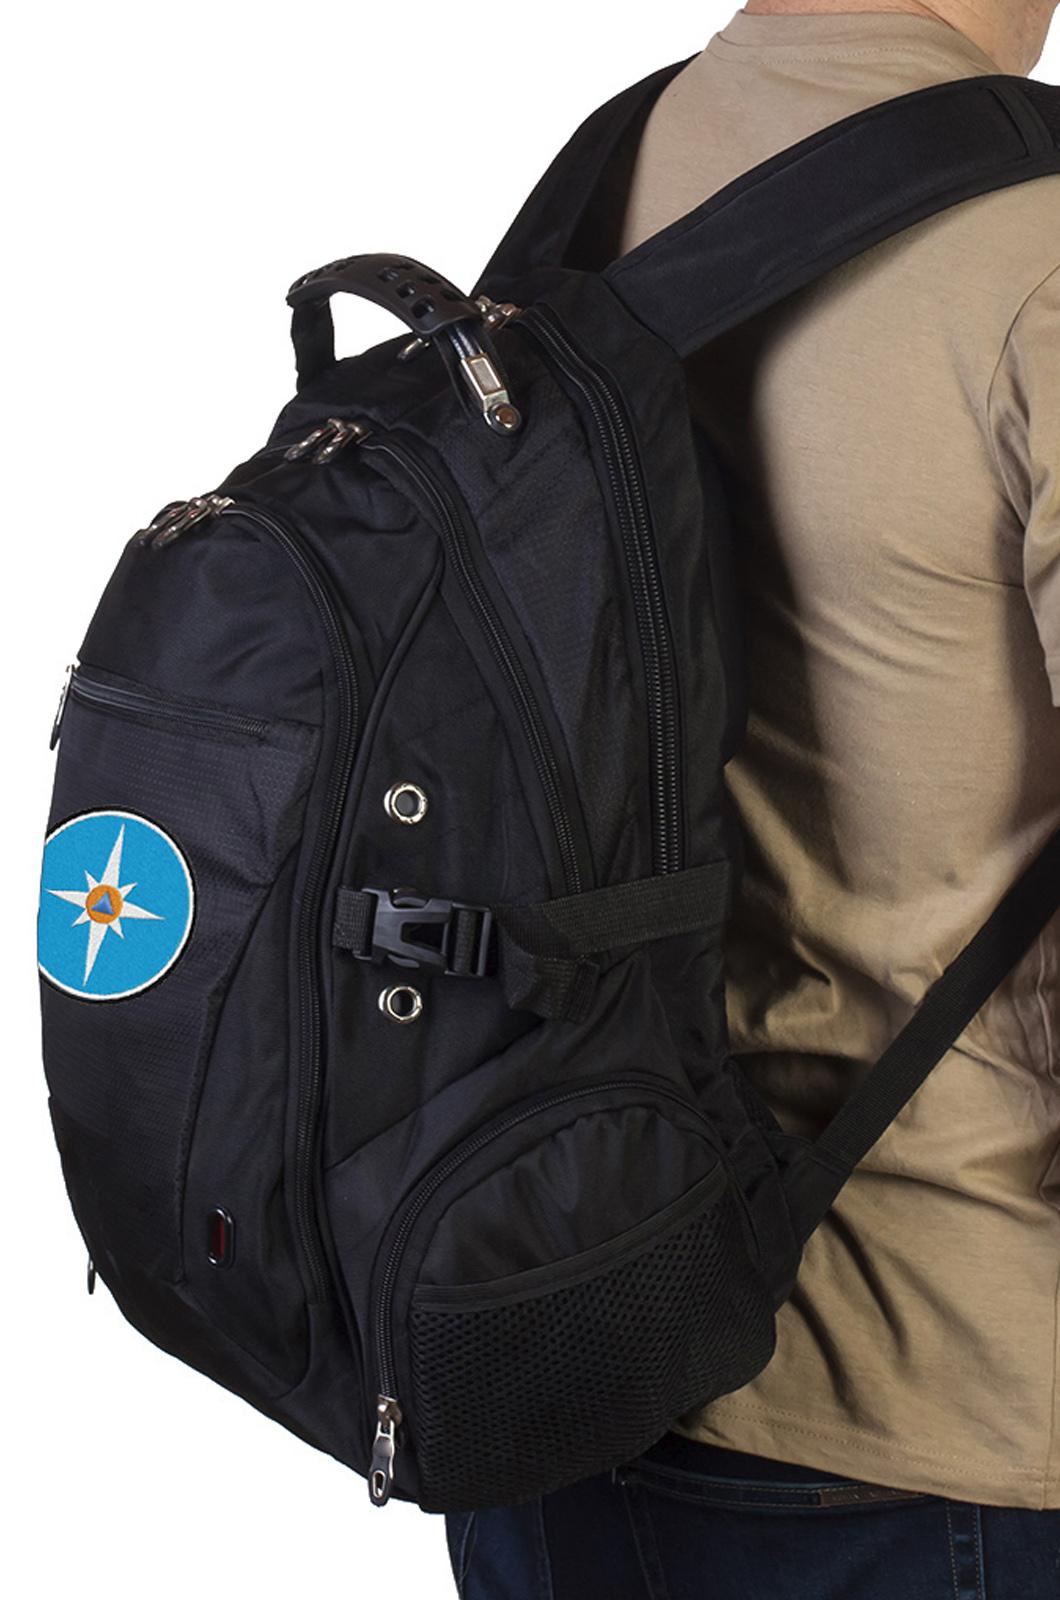 Оригинальный черный рюкзак с эмблемой МЧС заказать онлайн